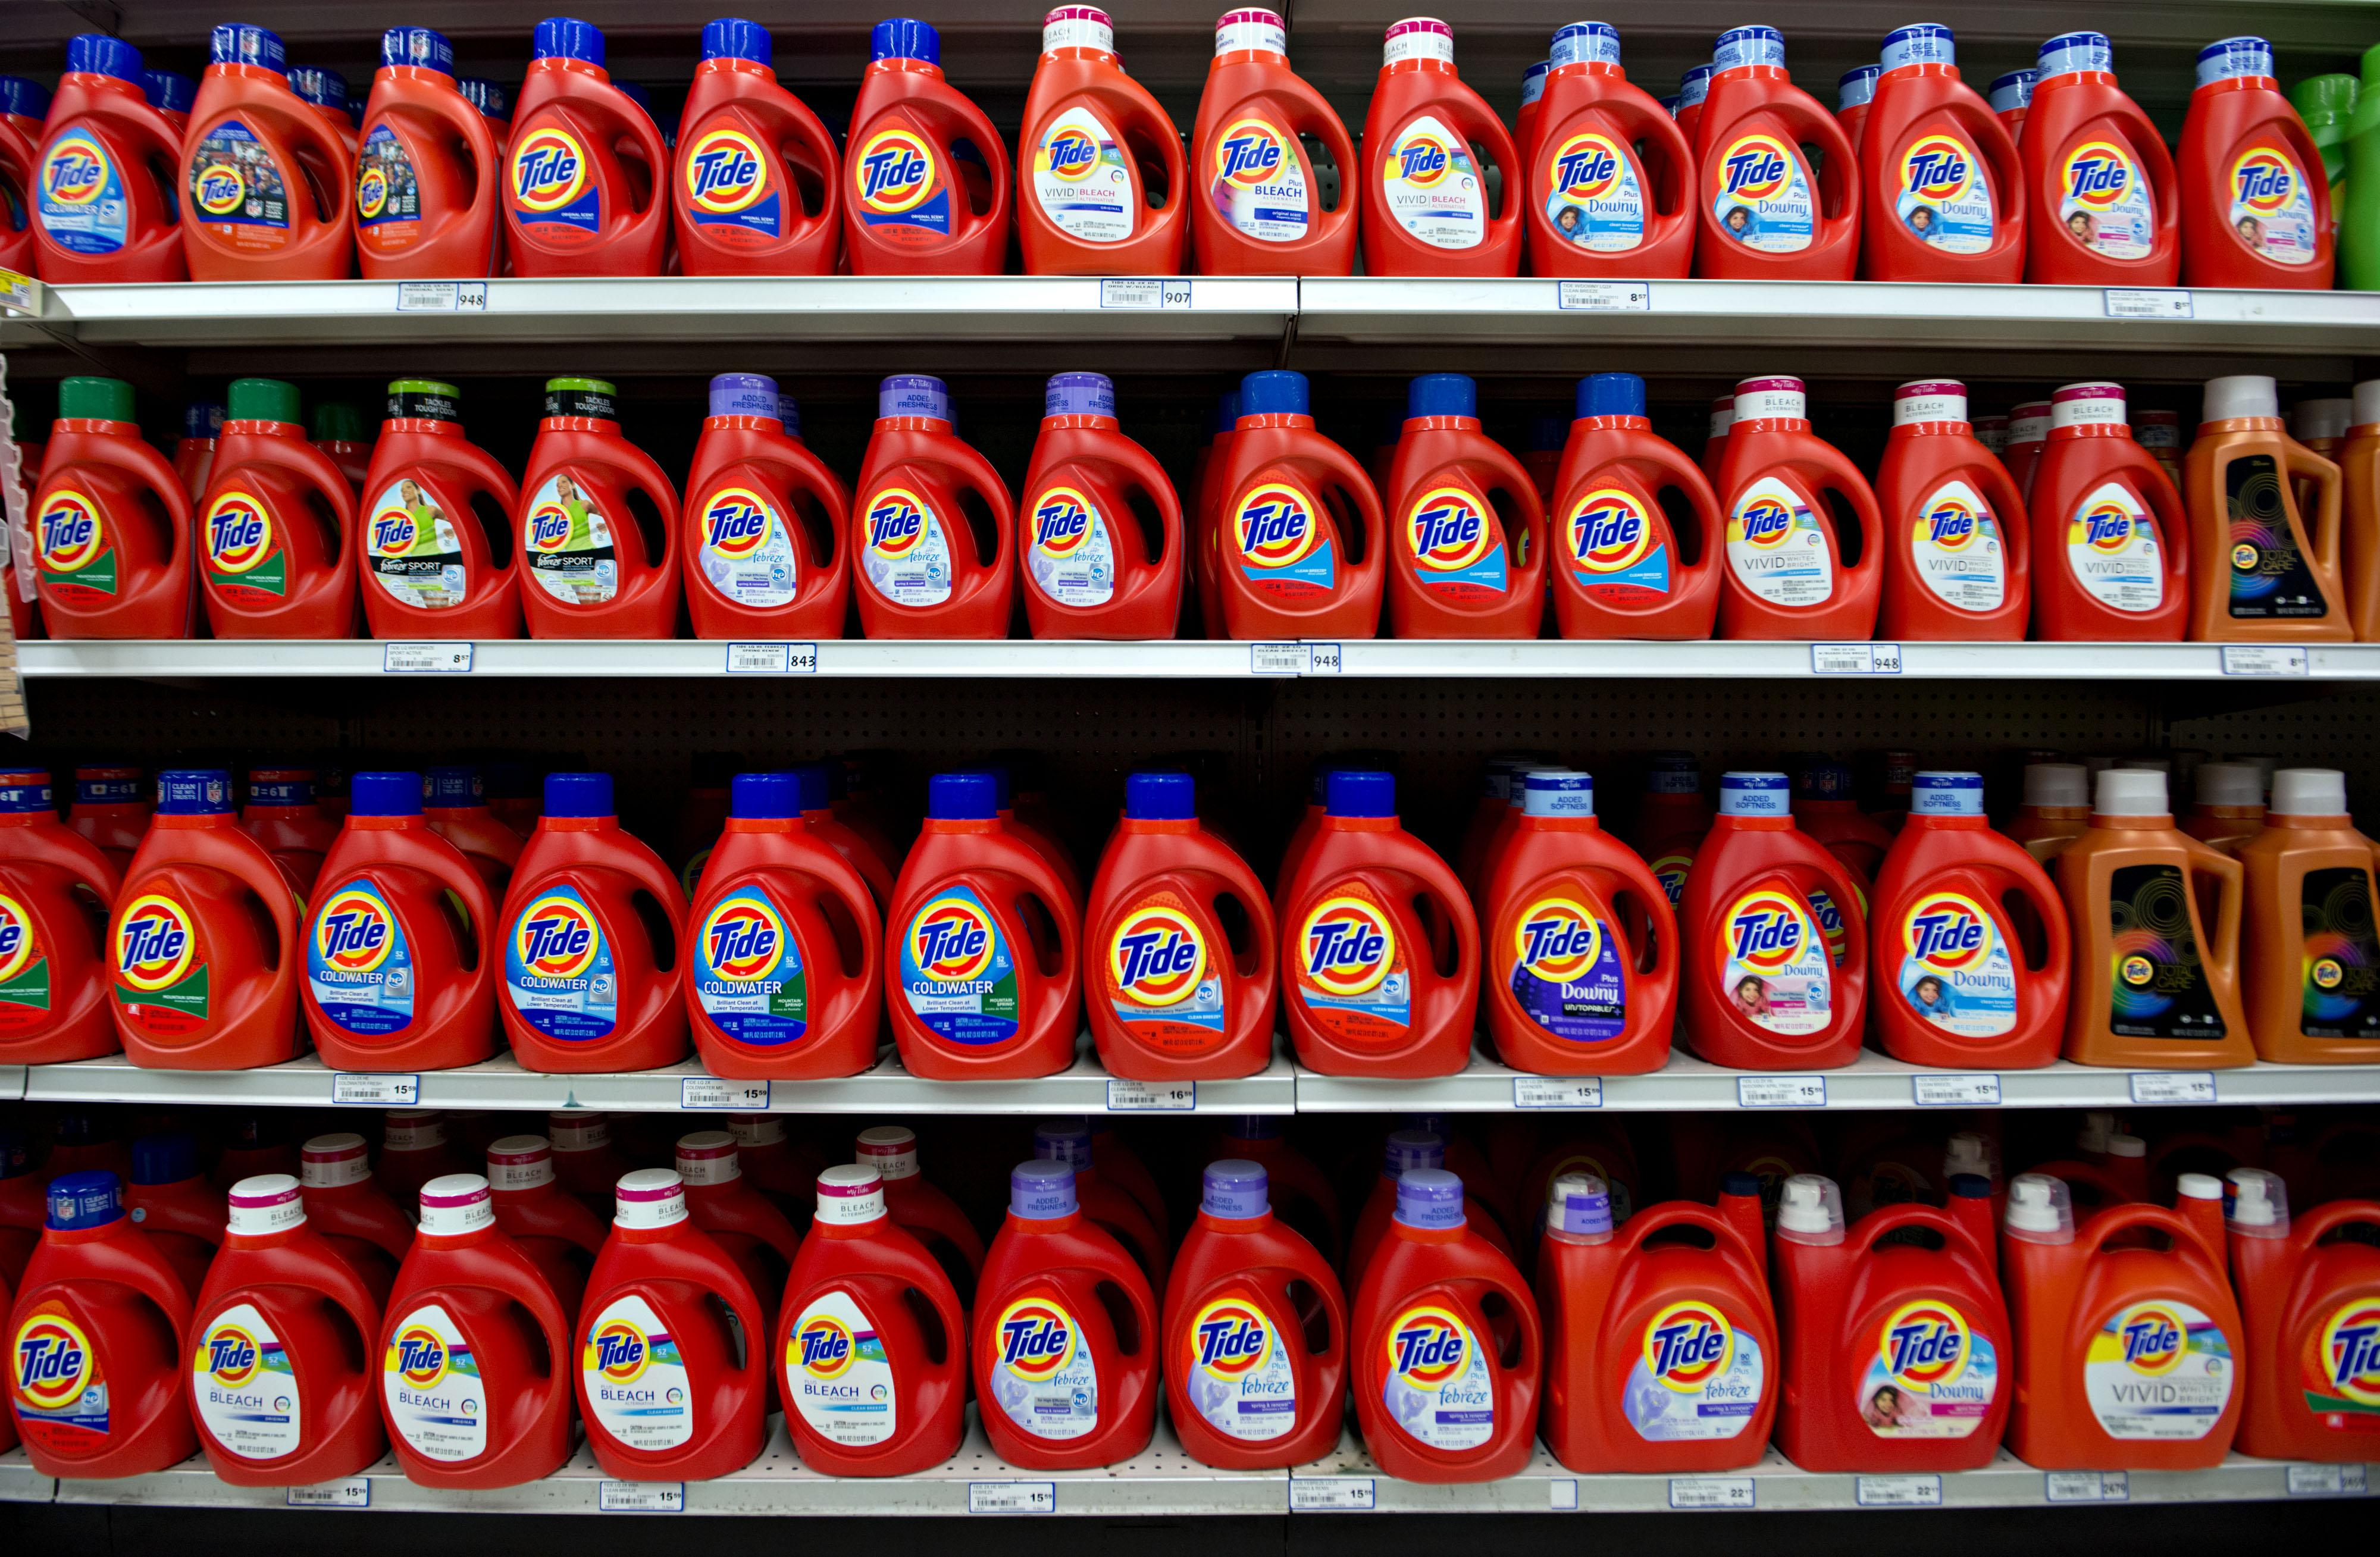 Procter & Gamble's Tide laundry detergent